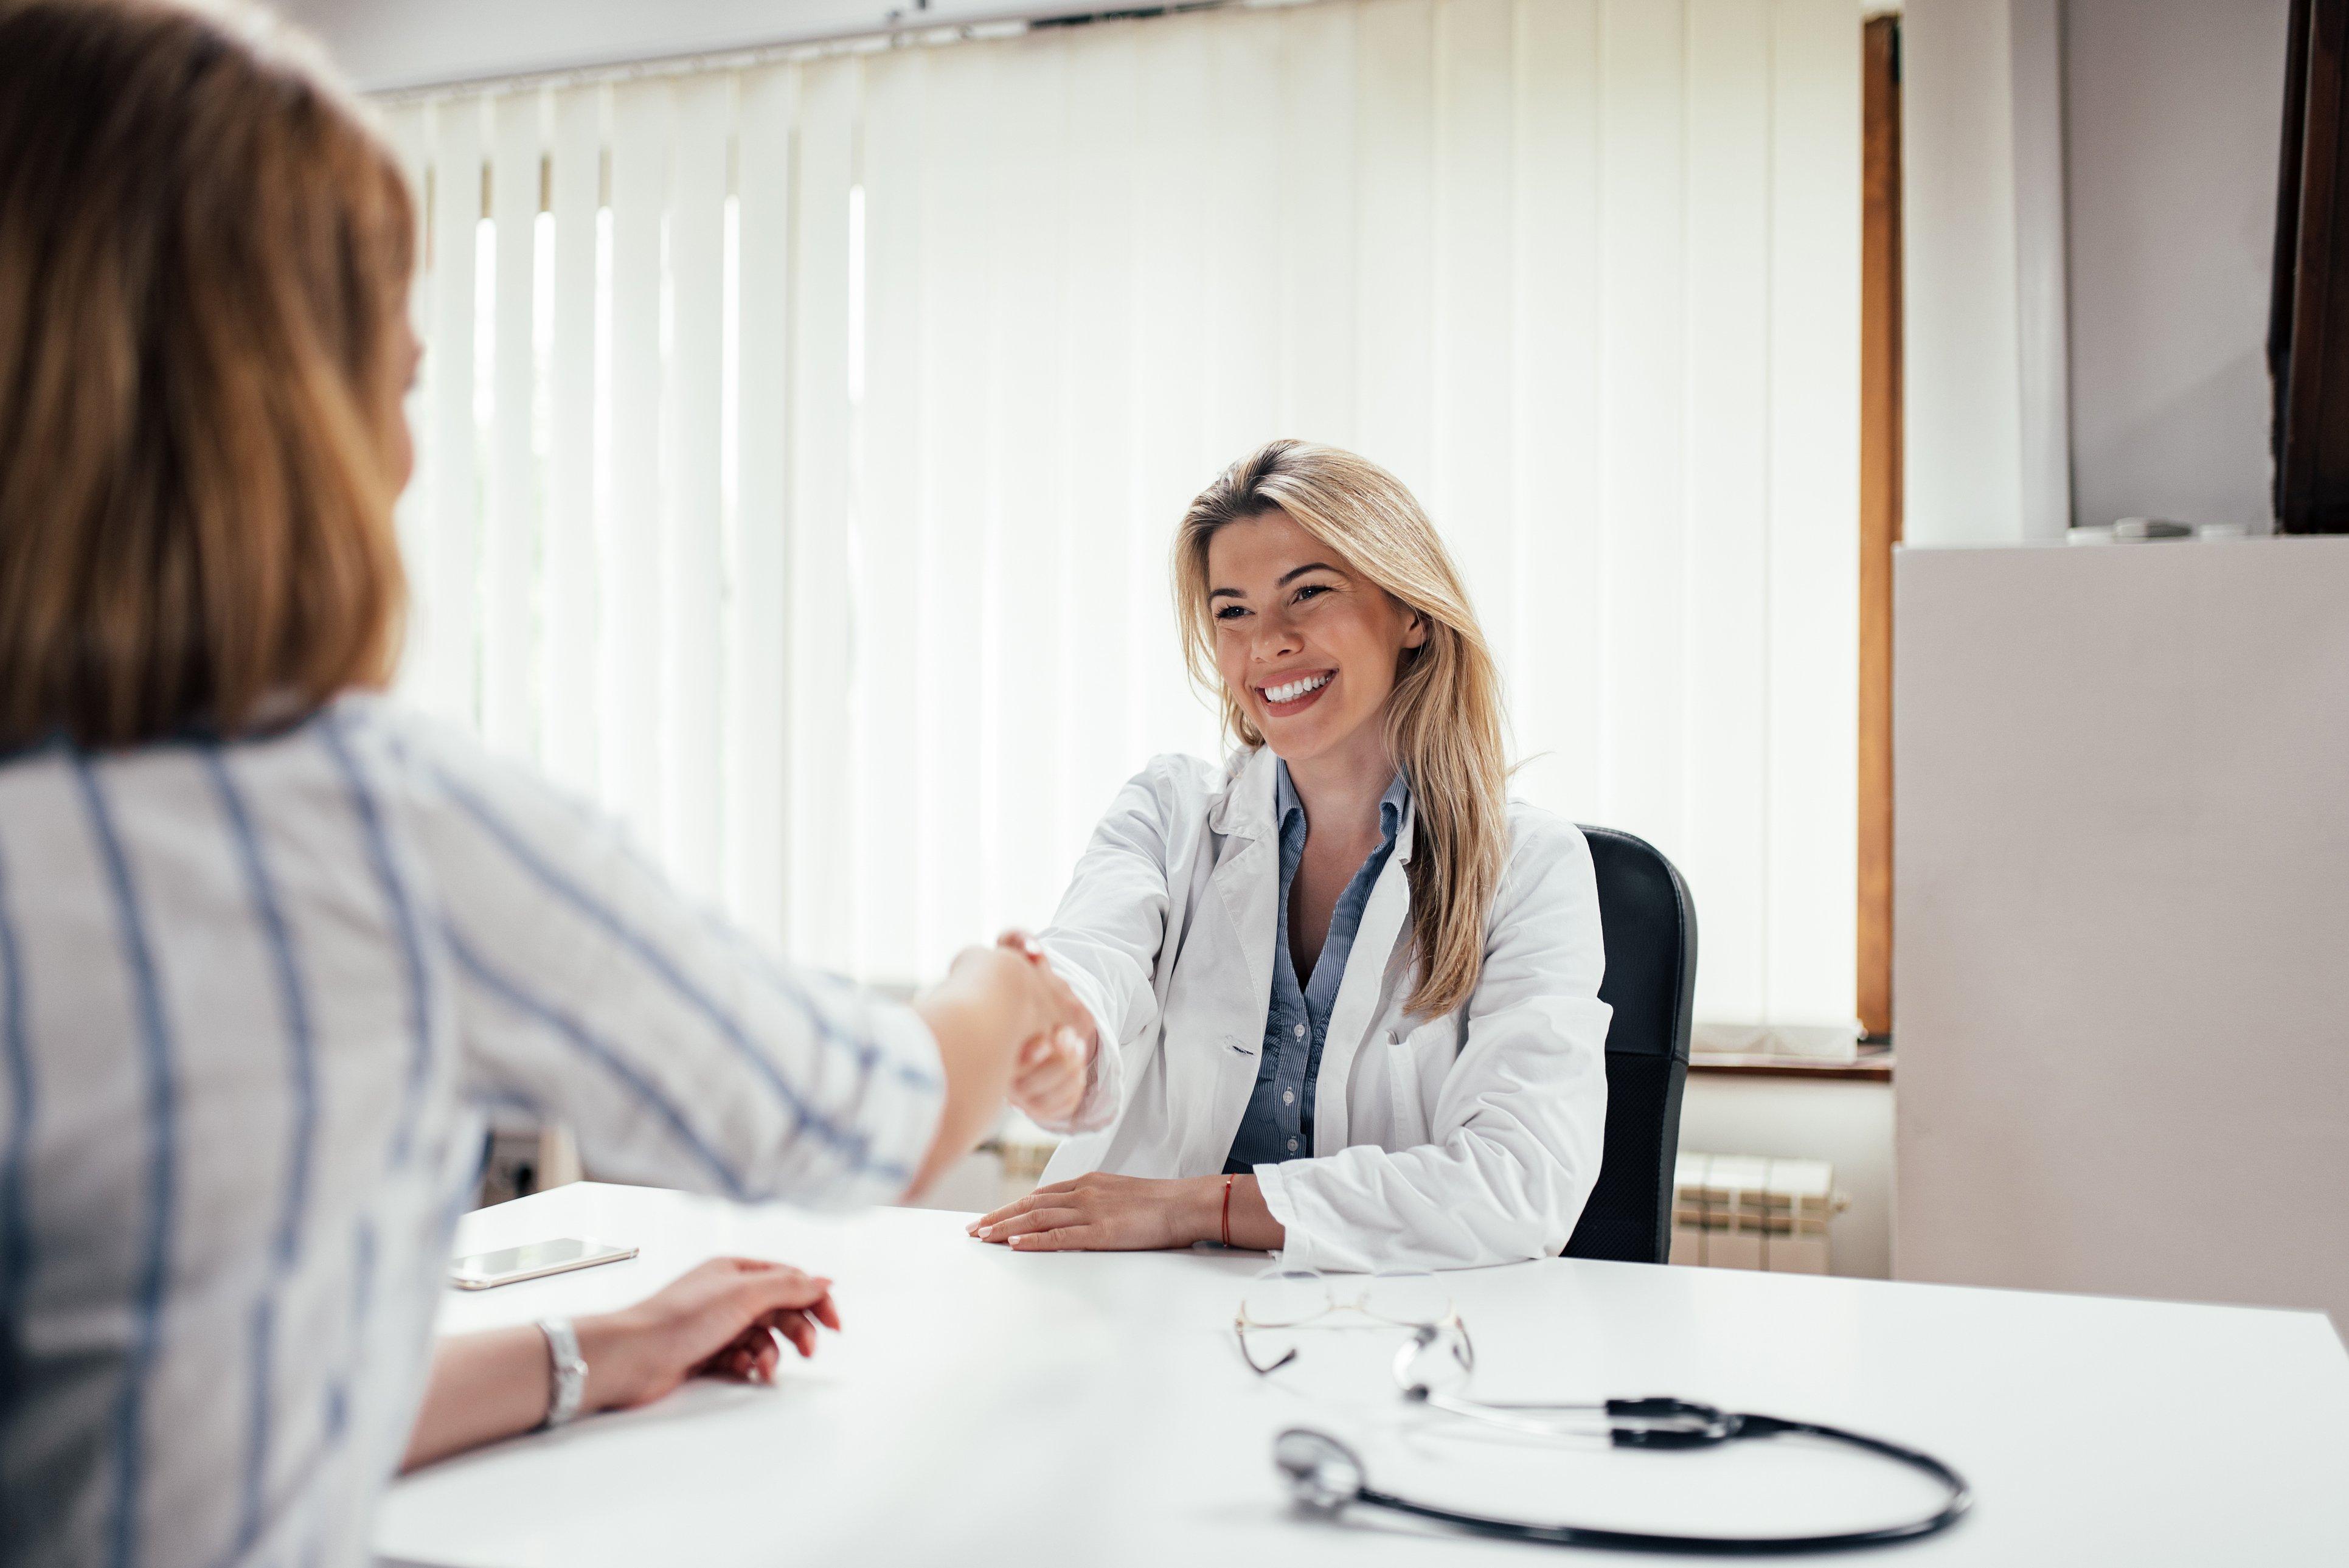 6 dicas para evitar o absenteísmo em consultórios e clínicas de saúde - Doctoralia